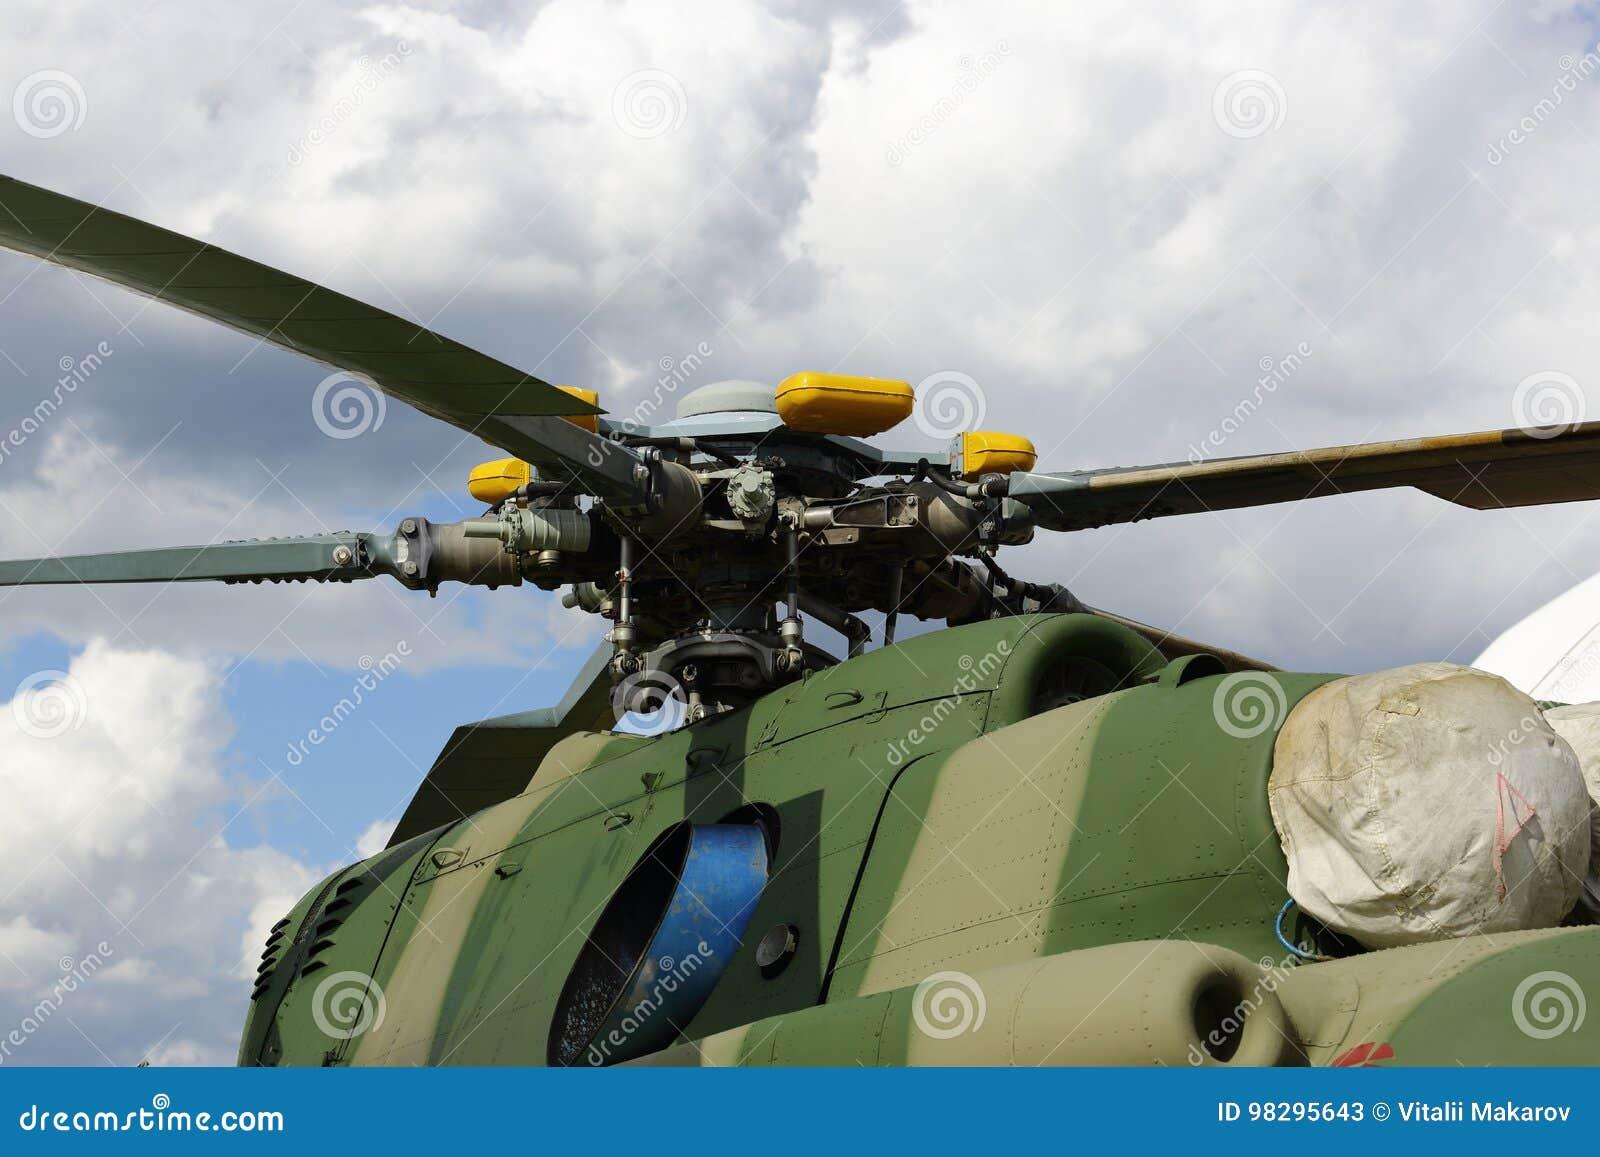 Un Elicottero : Un elicottero militare le lame di un elicottero turbina degli